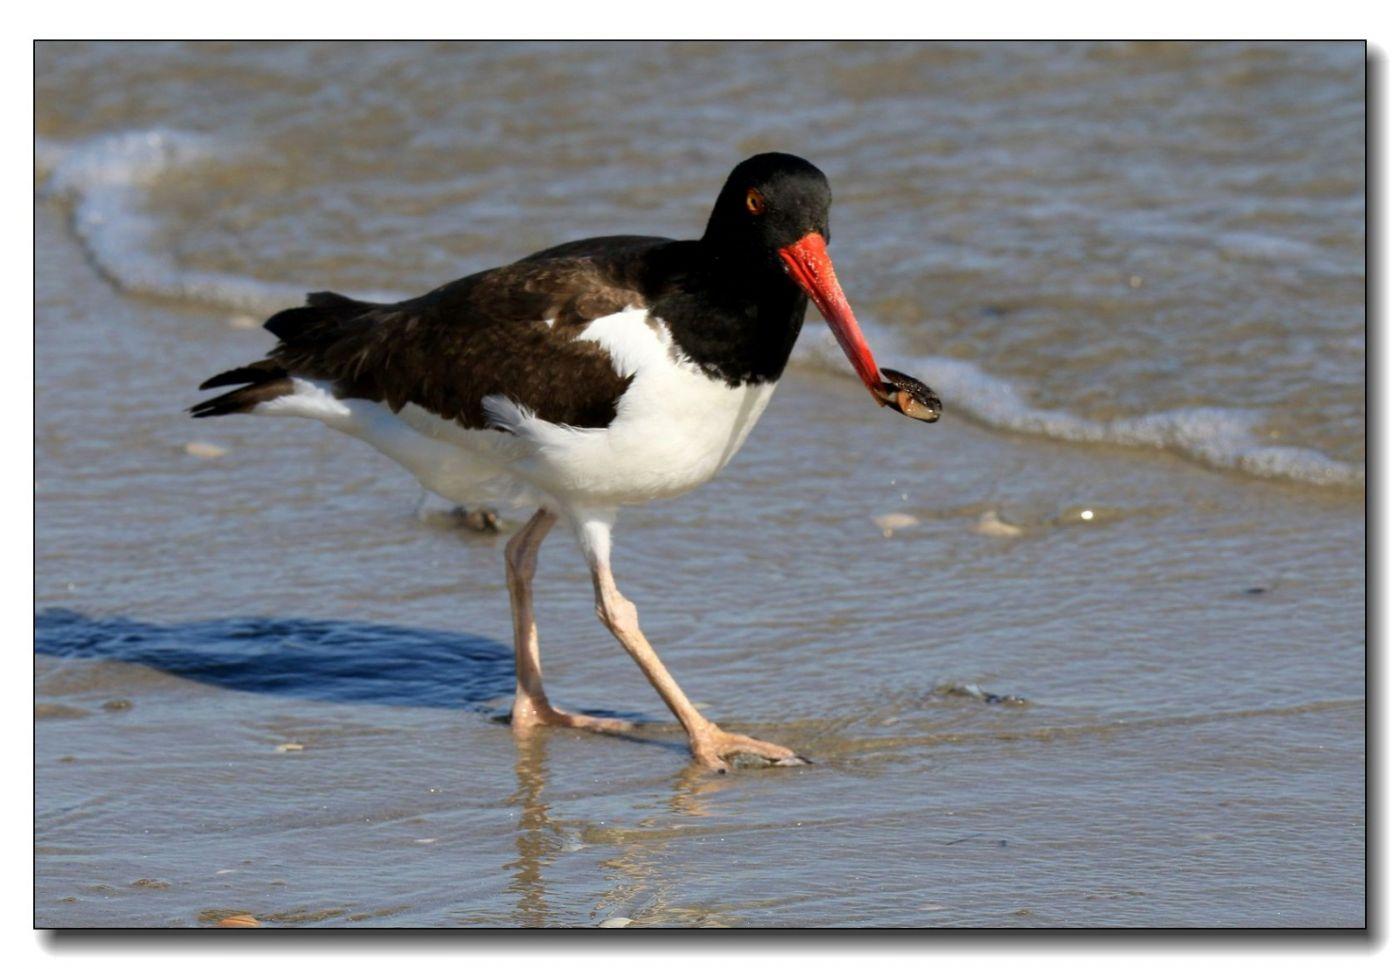 洛克威海滩拍鸟—励鹬_图1-12